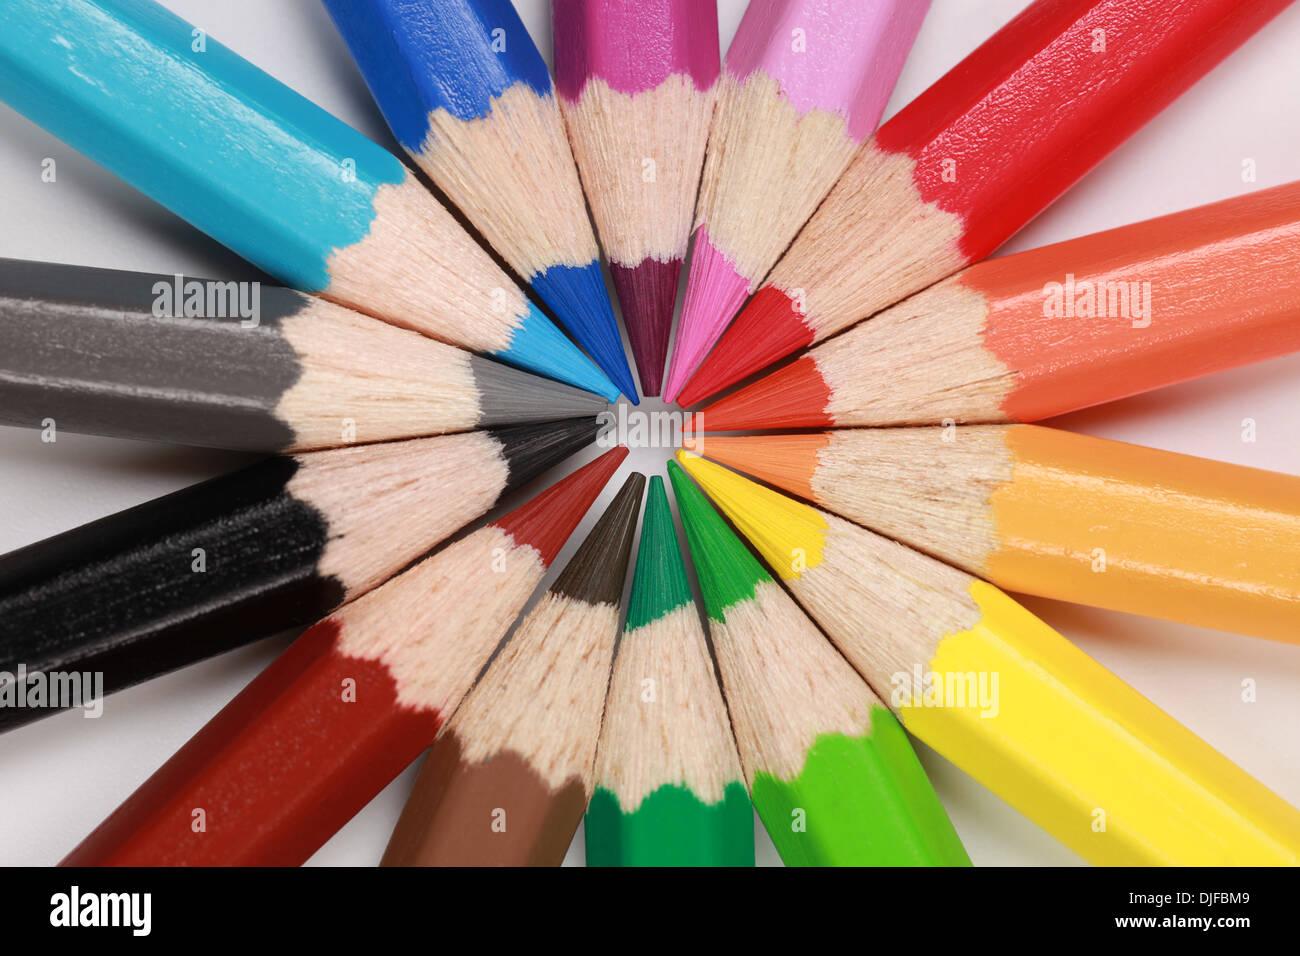 Lápices de colores en una fila formando un círculo Imagen De Stock